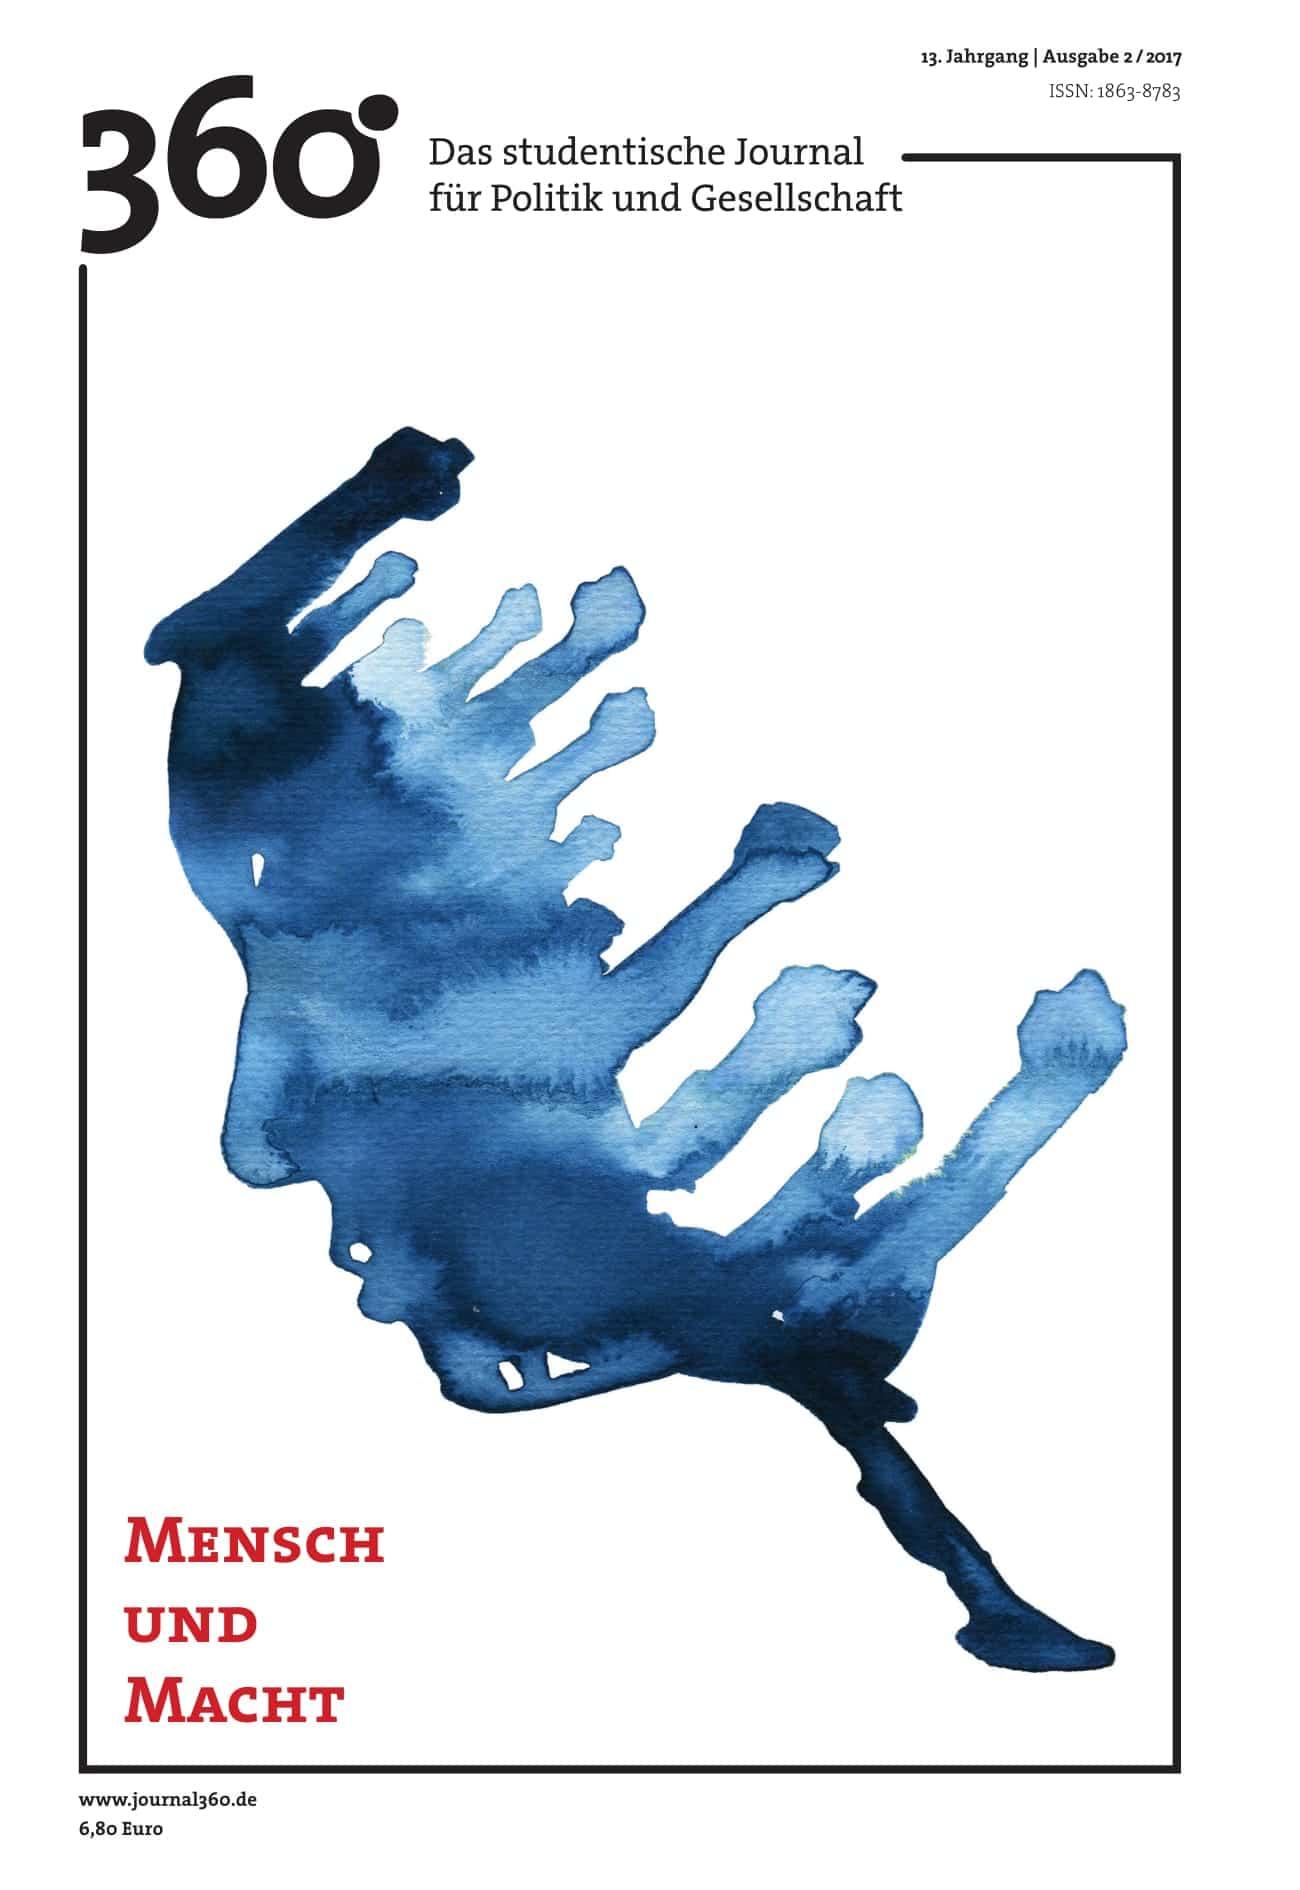 Heft 2-2017 | 360° - Das studentische Journal für Politik und Gesellschaft